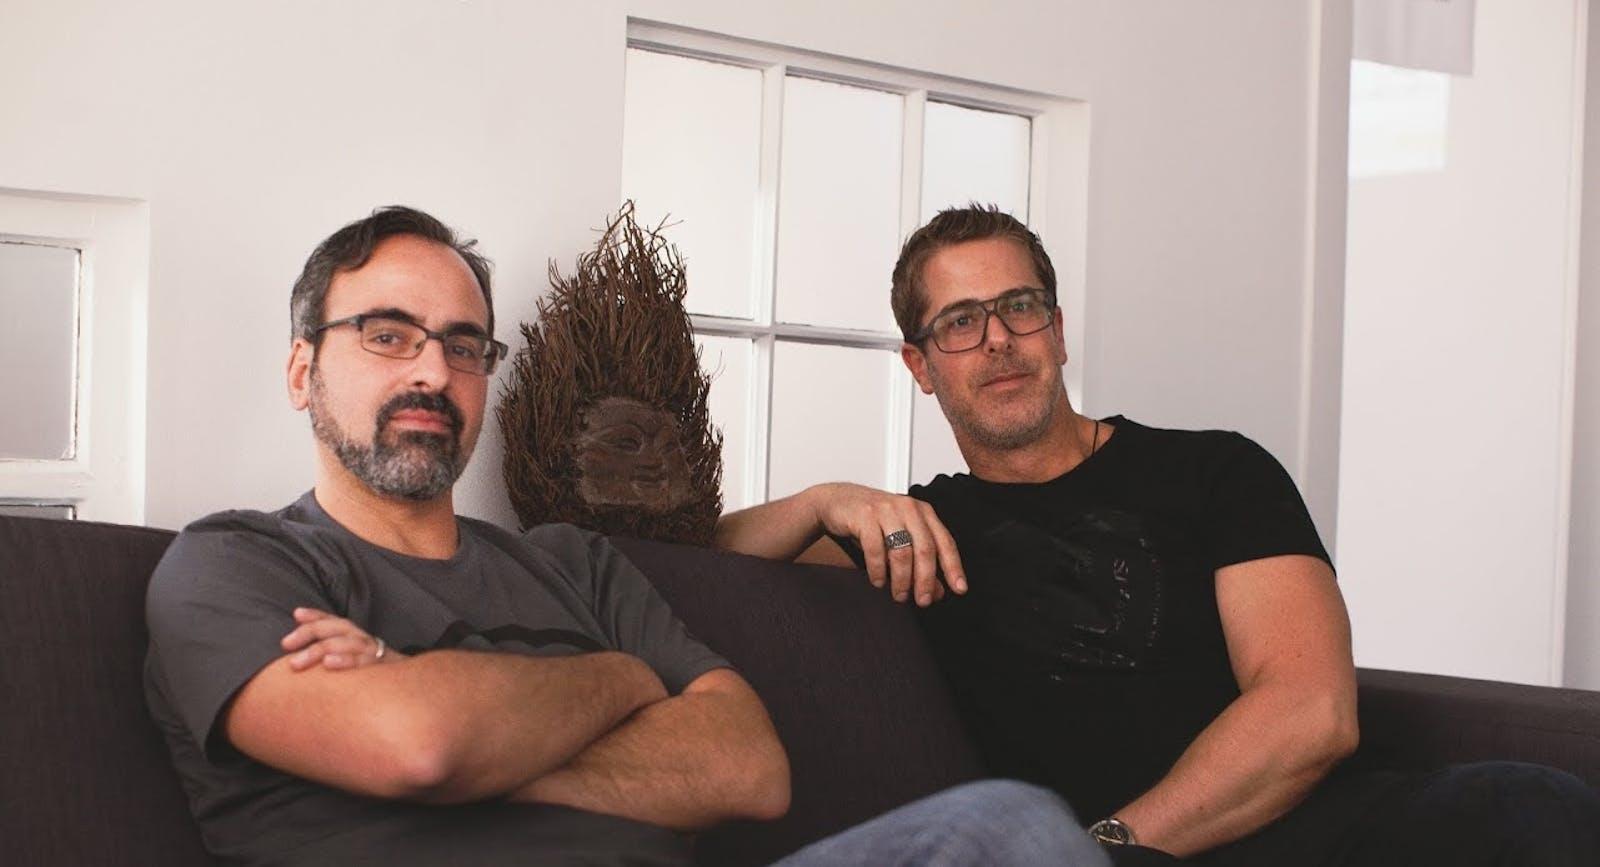 Cyanogen co-founders Steve Kondik, left, and Kirt McMaster. Photo by Cyanogen.